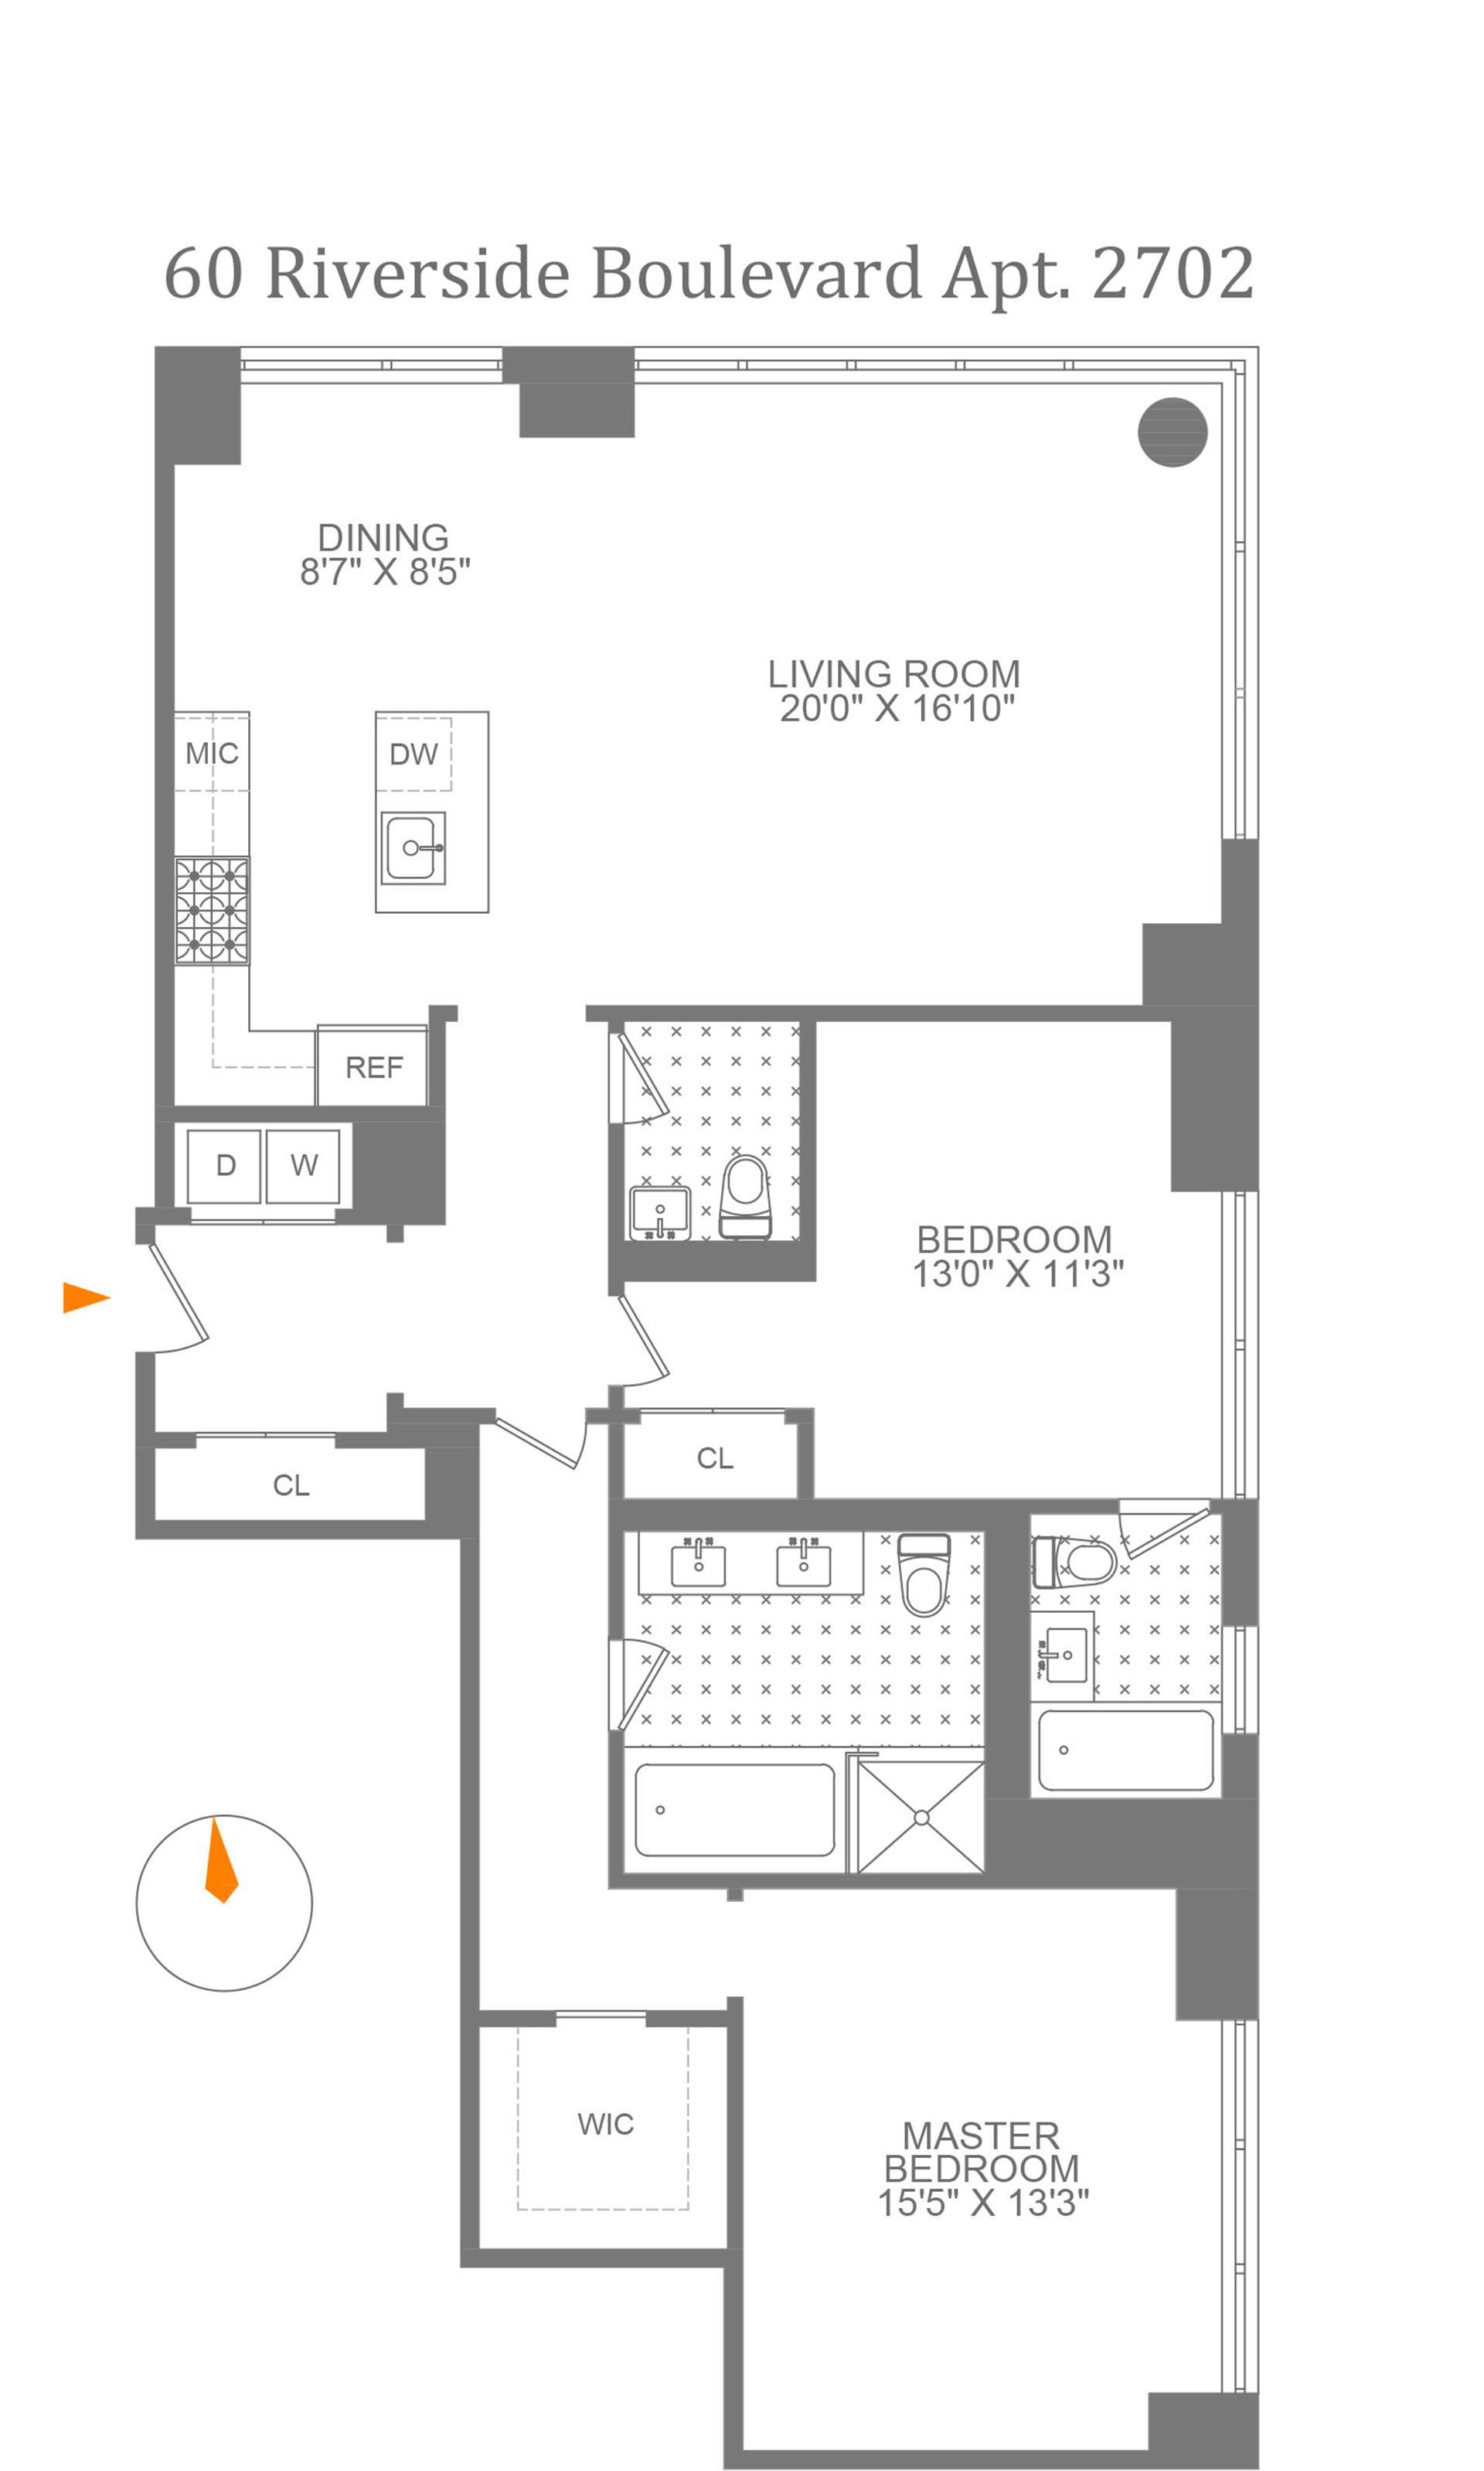 Floor plan of 60 Riverside Boulevard, 2702 - Lincoln Square, New York